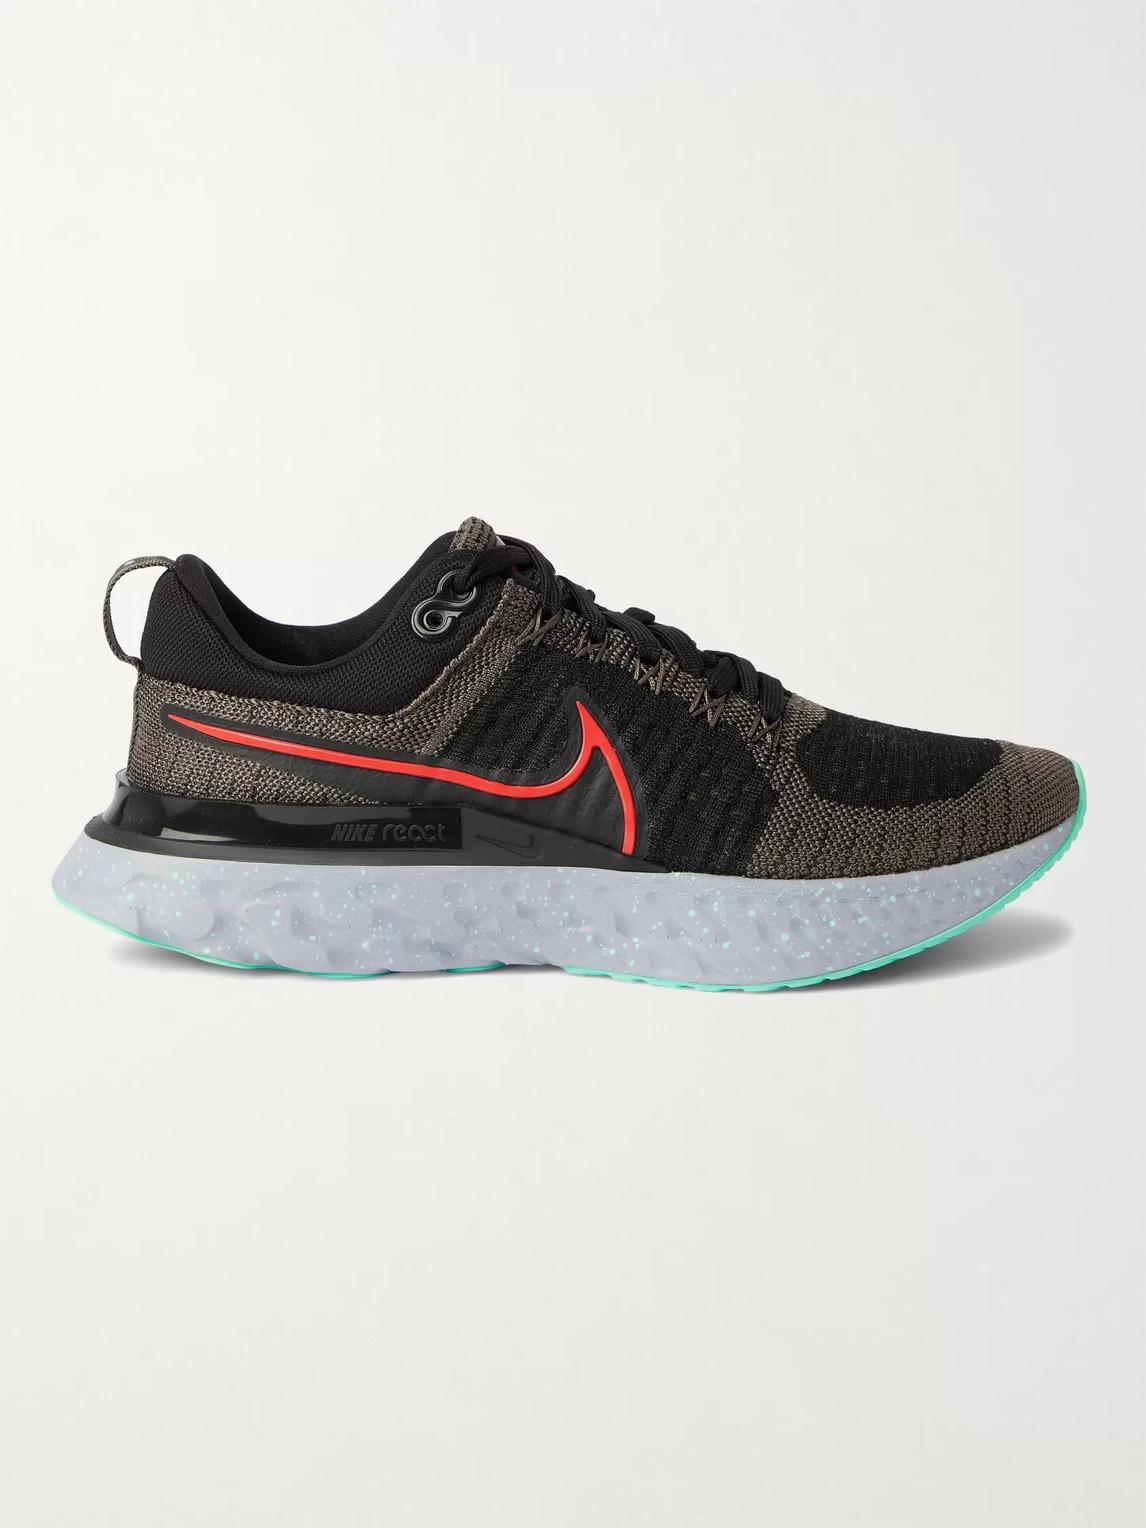 Nike React Infinity Run Flyknit 2 Men's Running Shoe (ridgerock) In Black